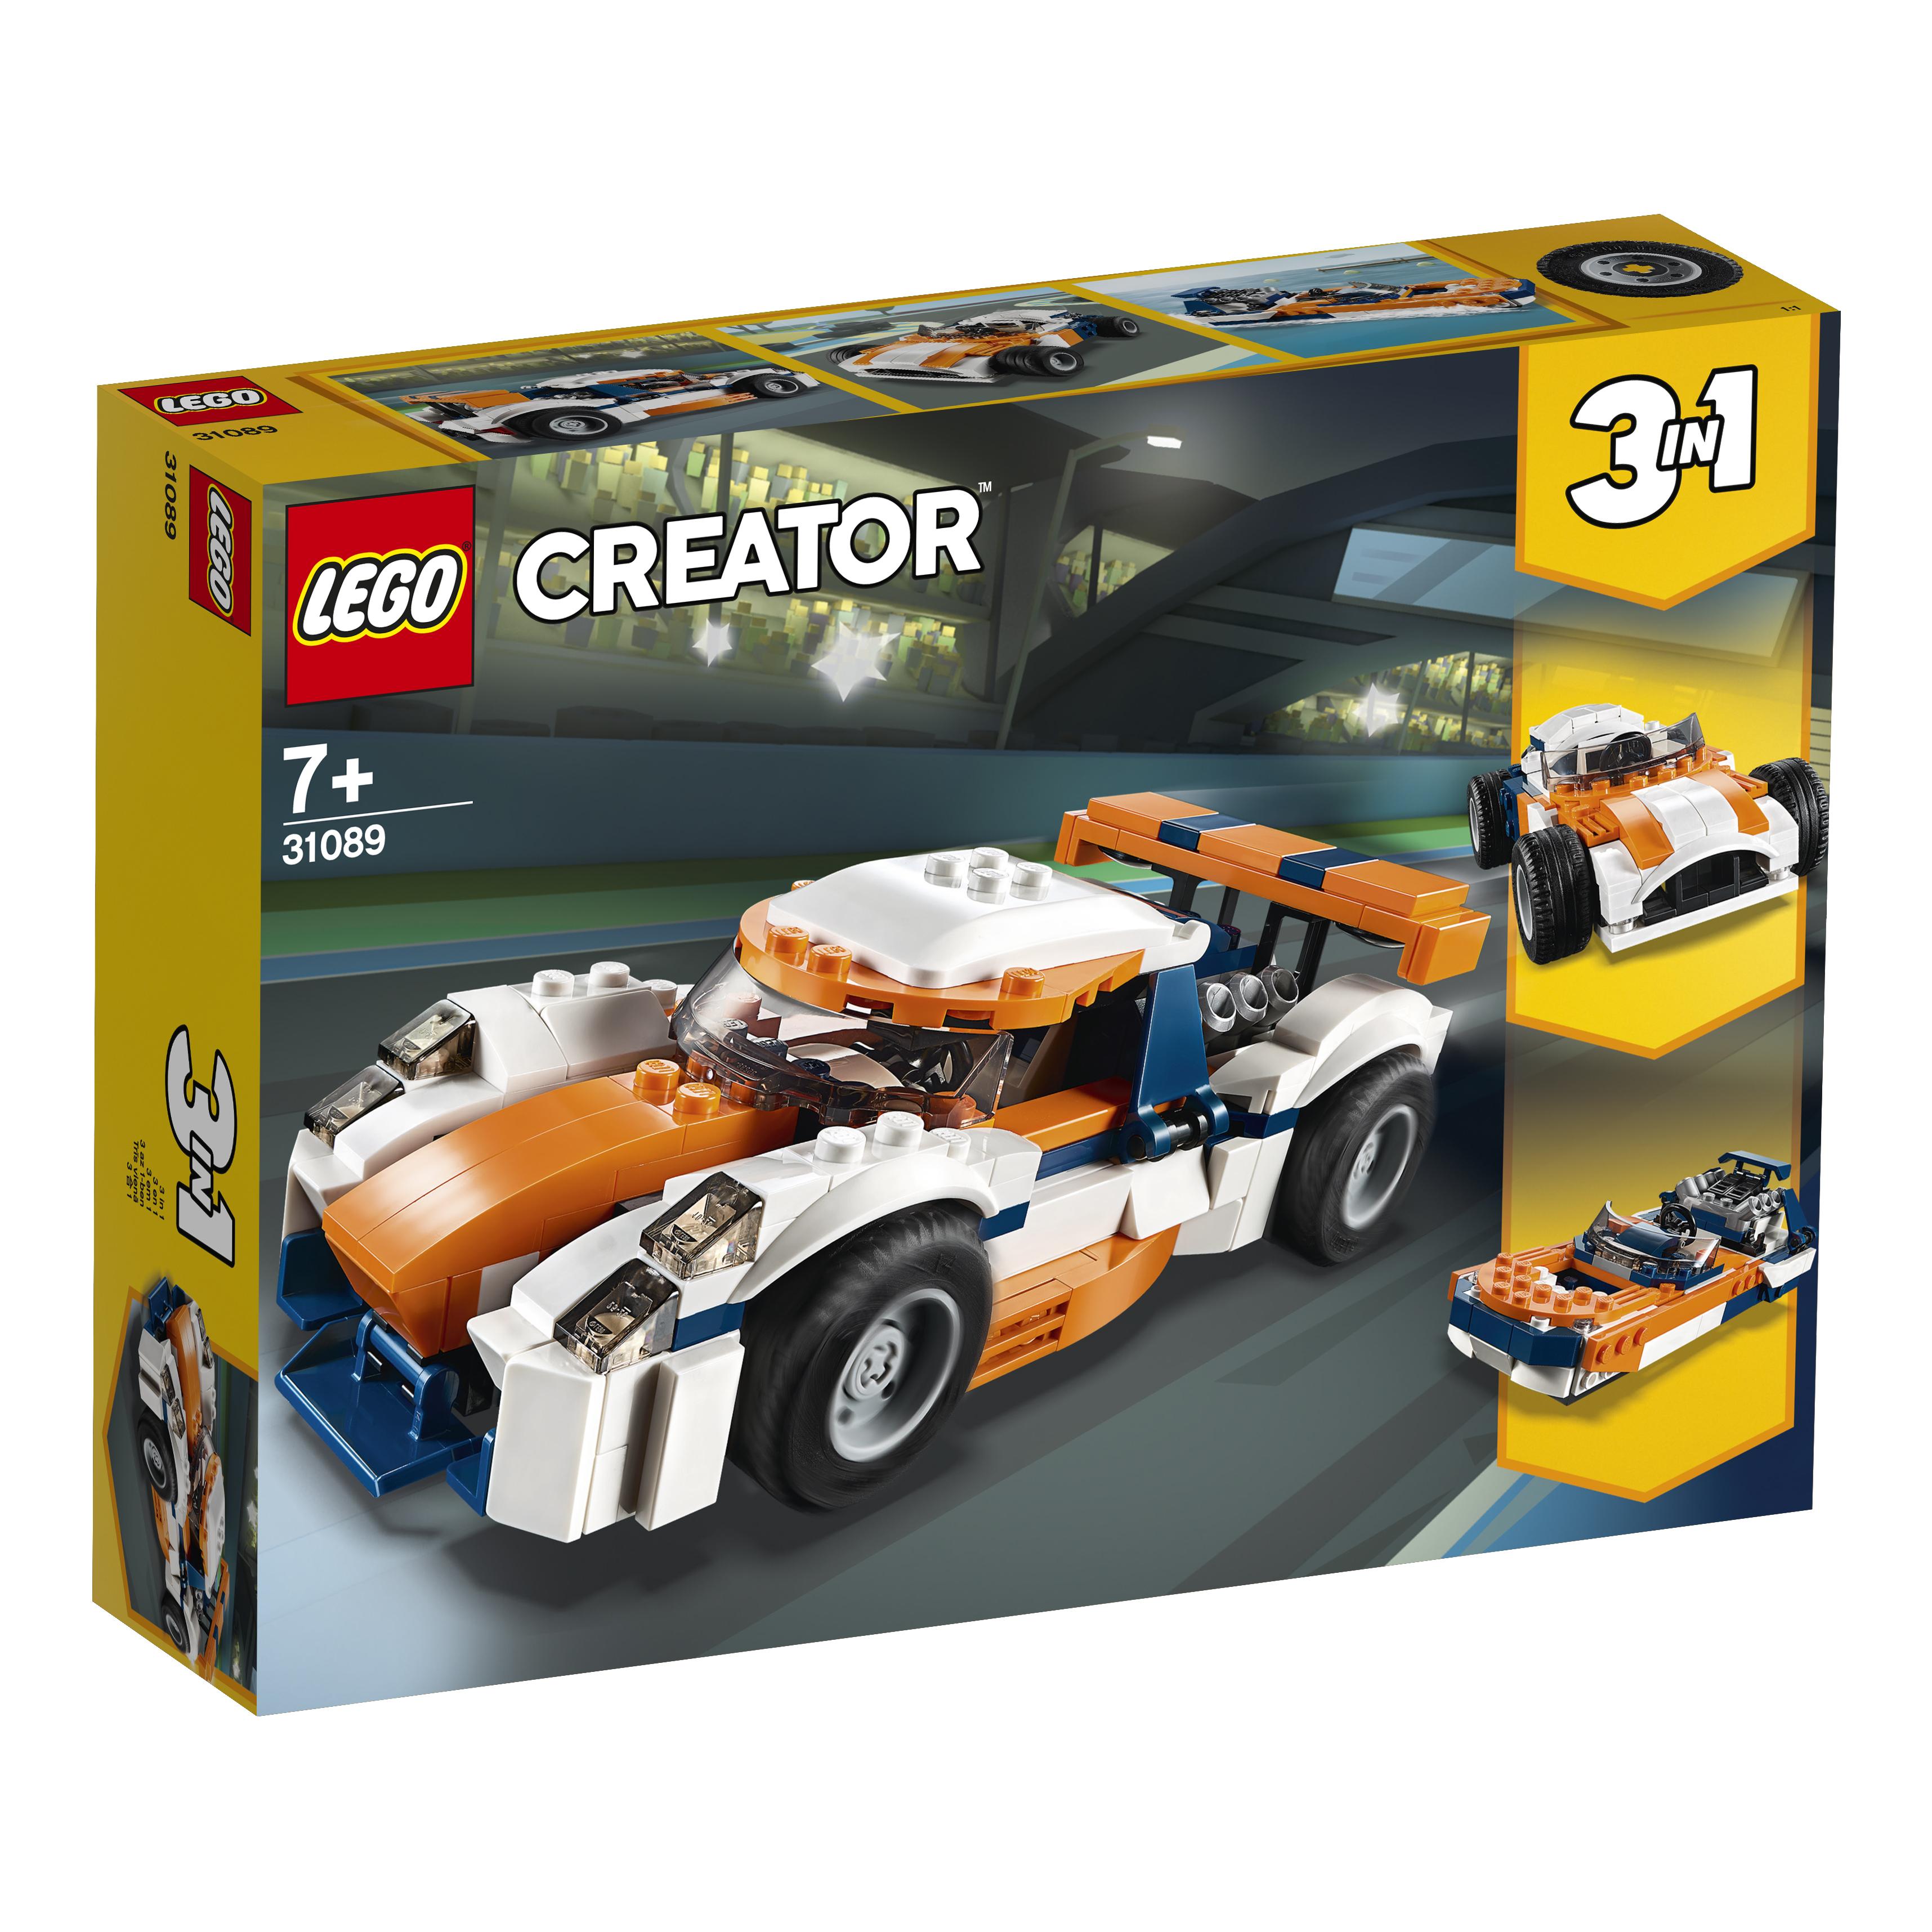 Конструктор LEGO Creator 31089 Оранжевый гоночный автомобиль reed matthew confessions of a community college administrator